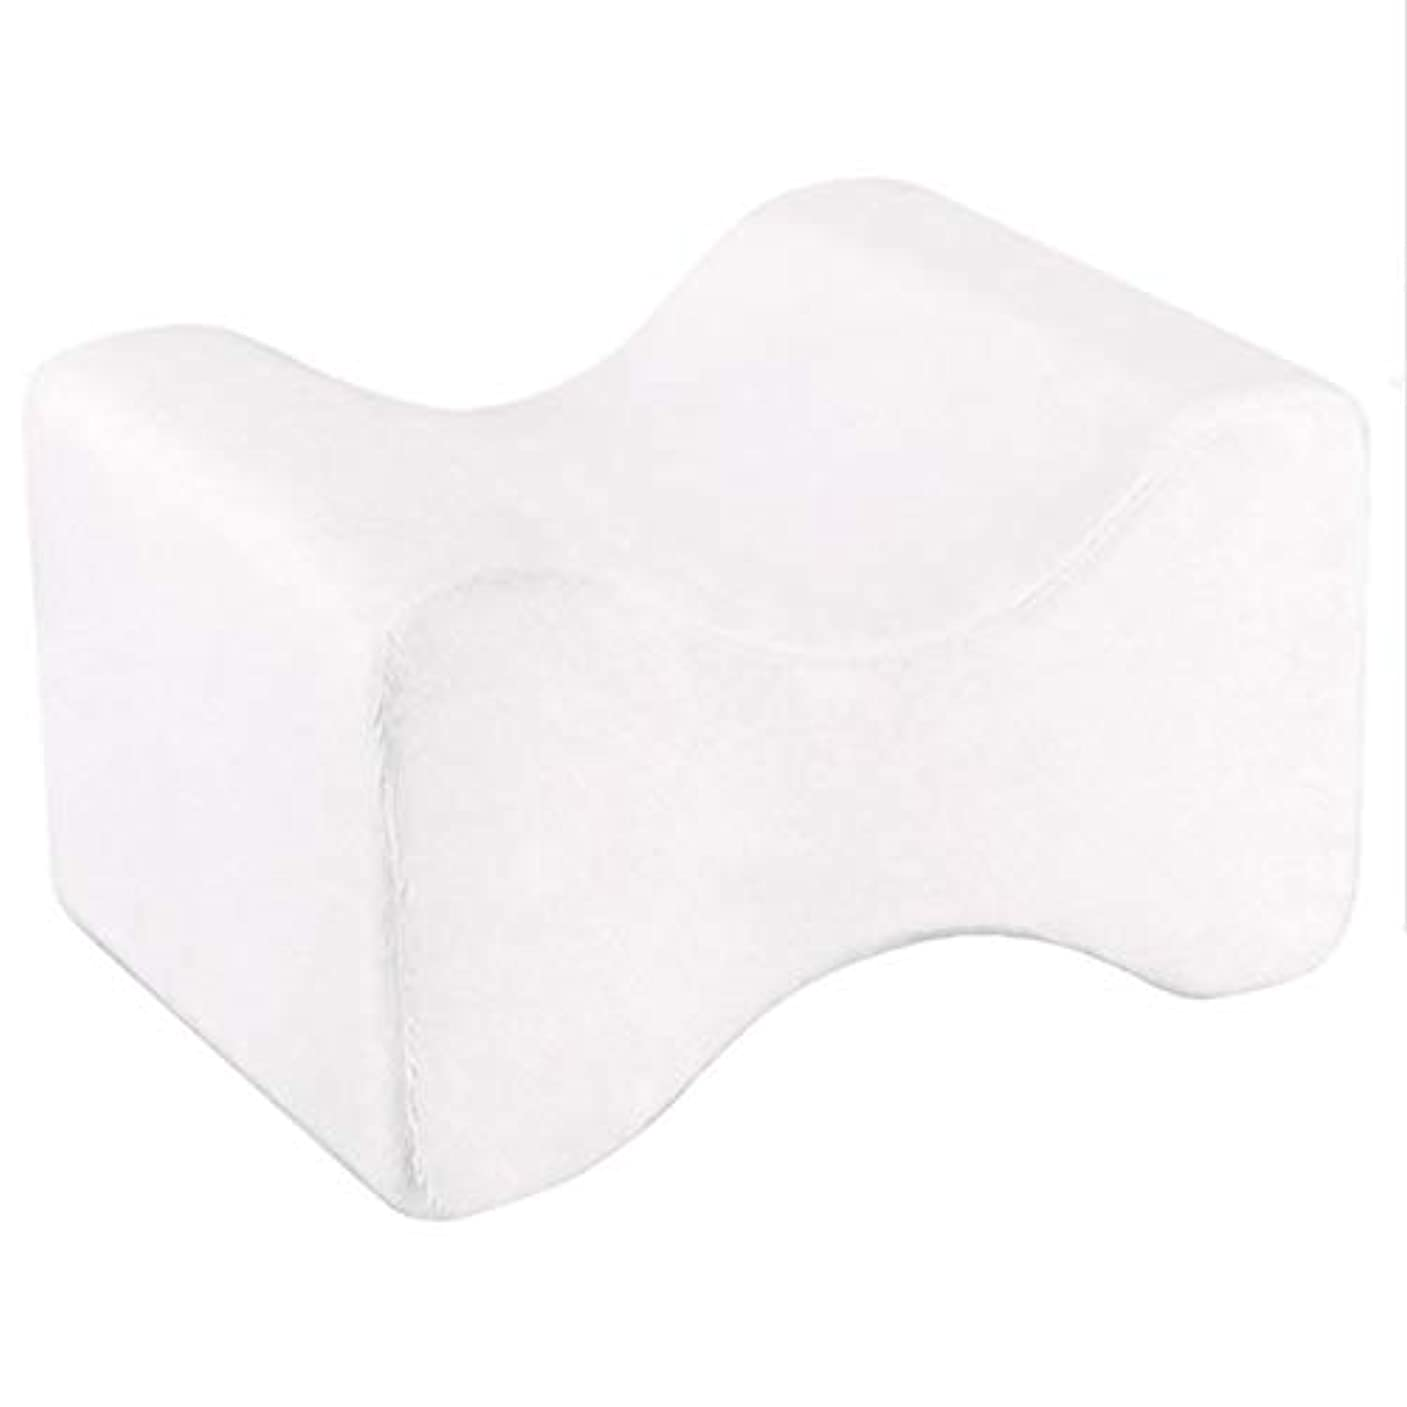 応じる危機隙間ソフト枕膝枕クリップ足低反発ウェッジ遅いリバウンドメモリコットンクランプマッサージ枕男性女性 - ホワイト